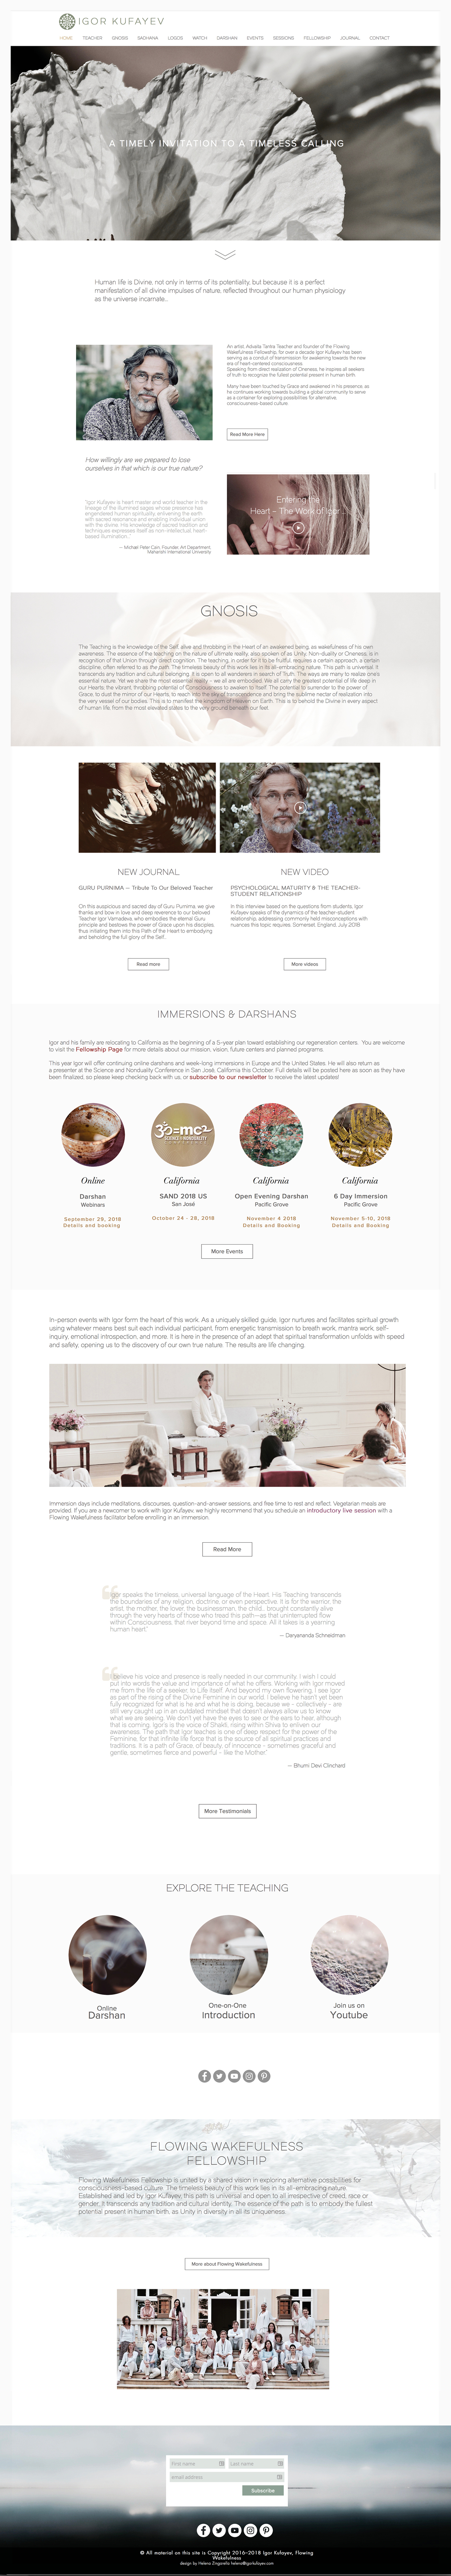 Helena Zingarella ~ webdesign Igor Kufayev